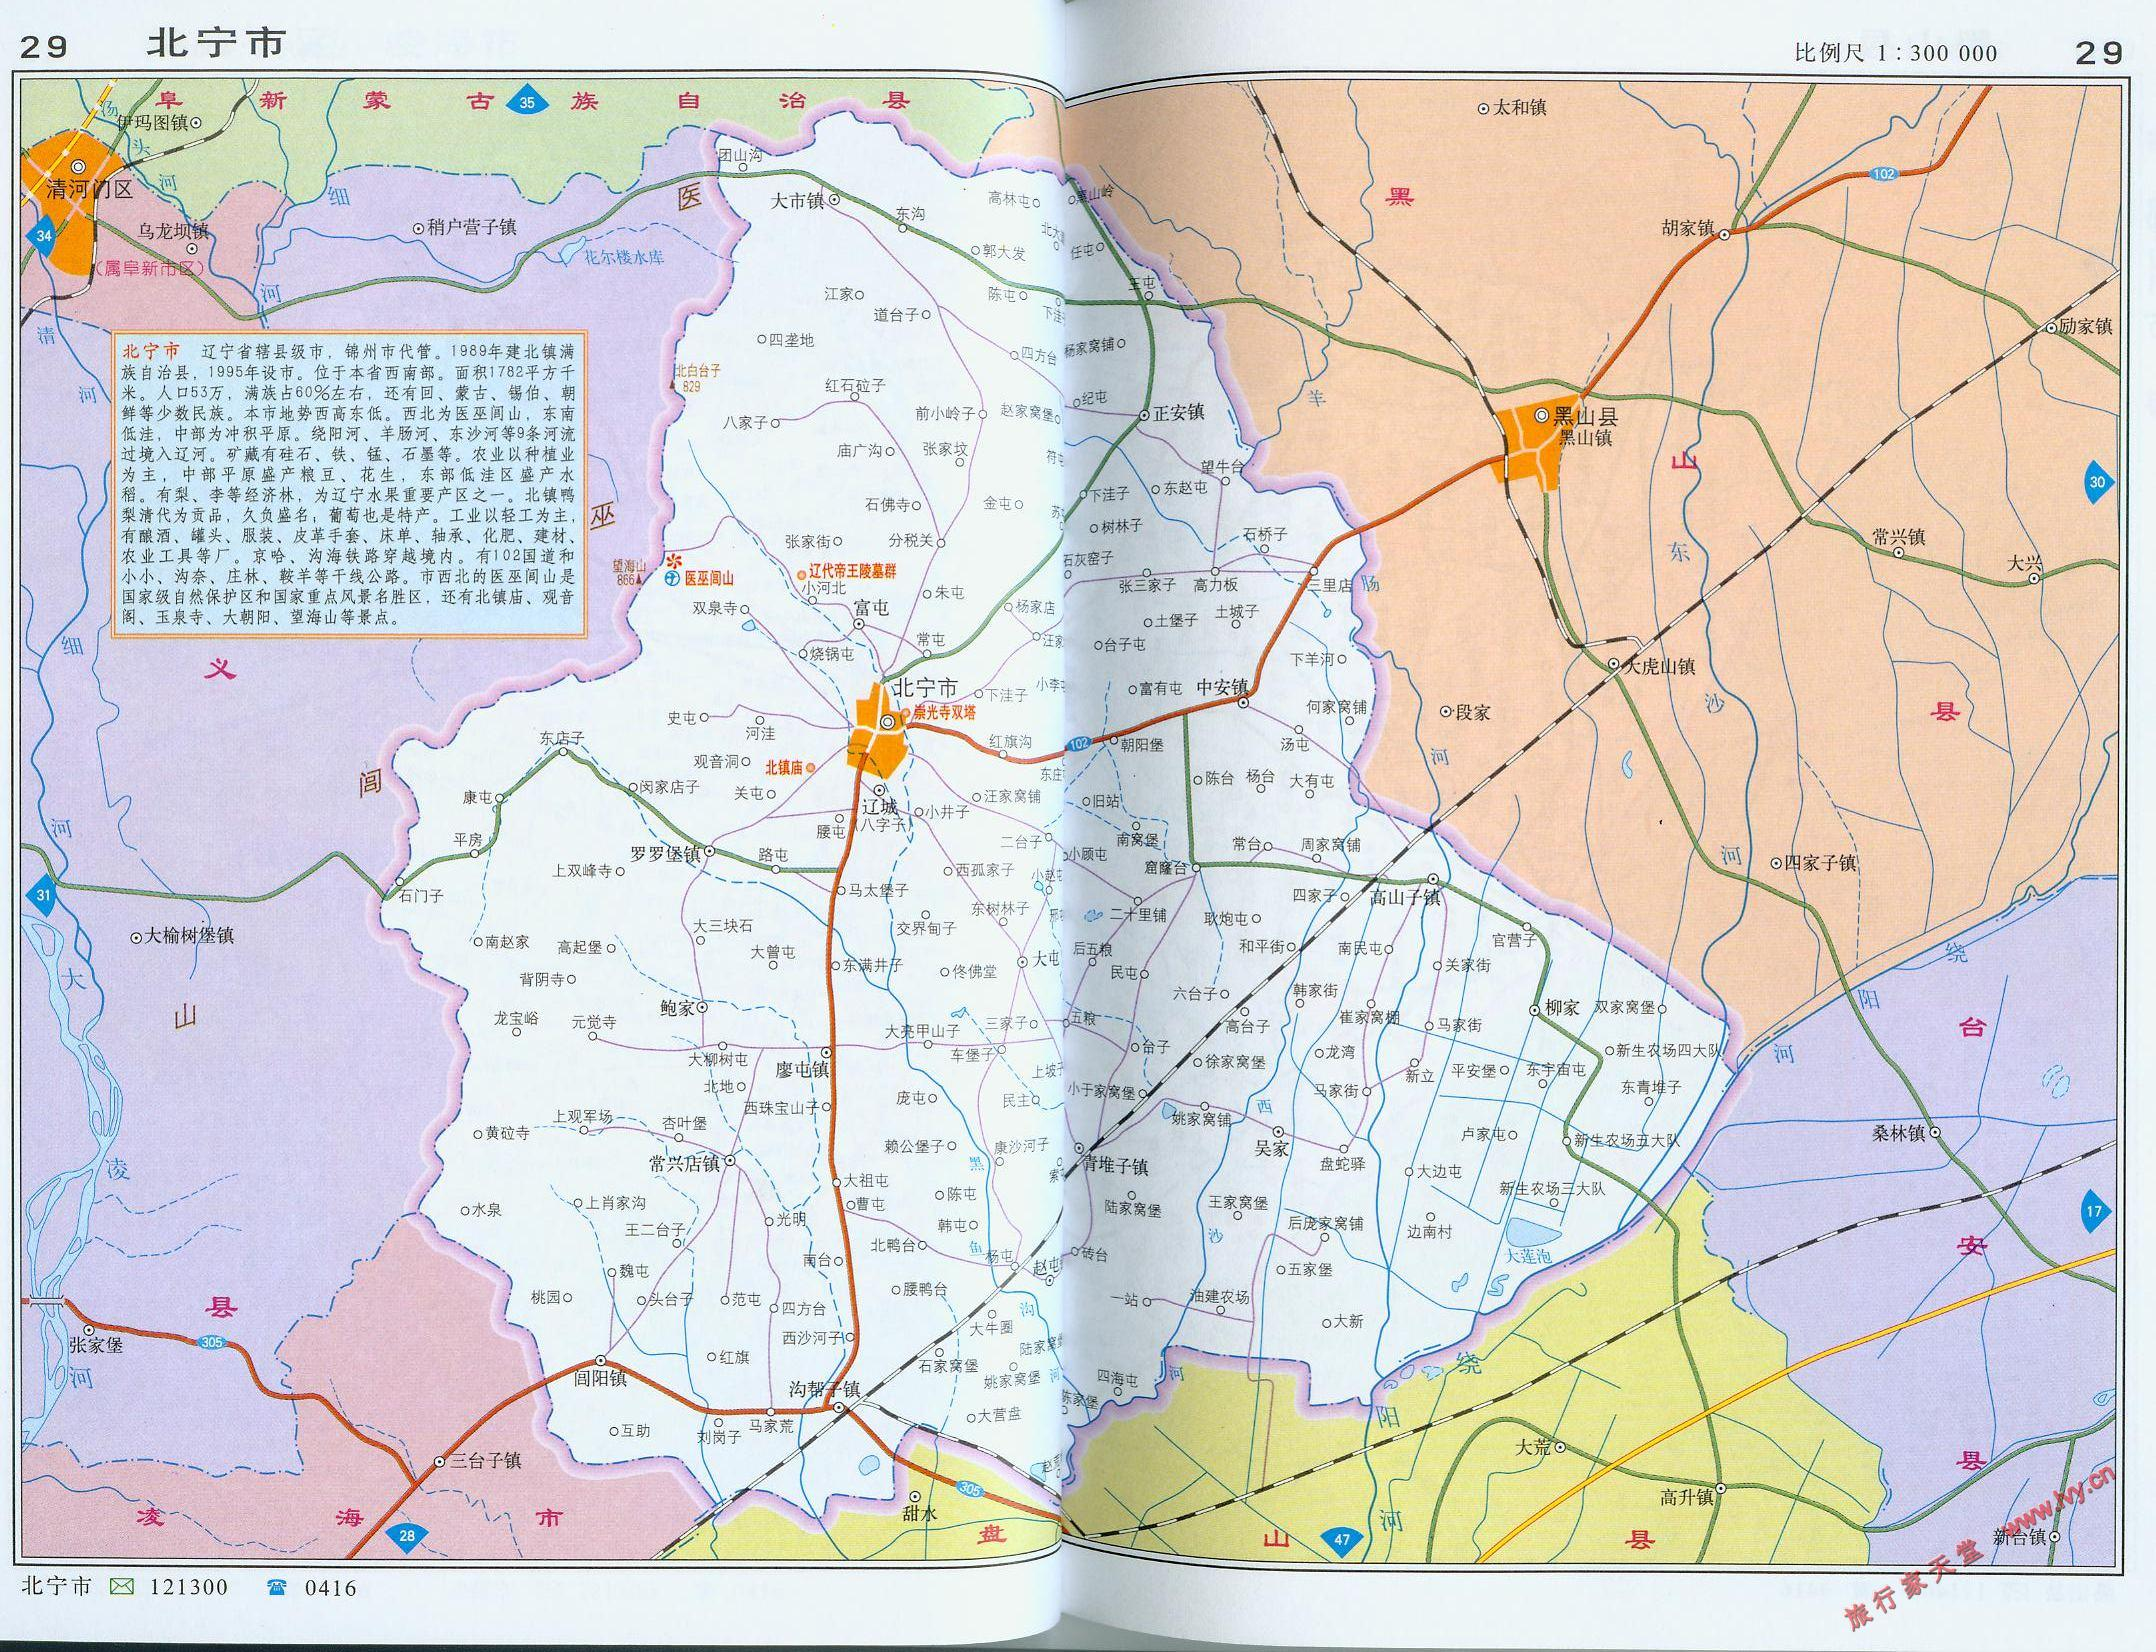 锦州古塔区地图